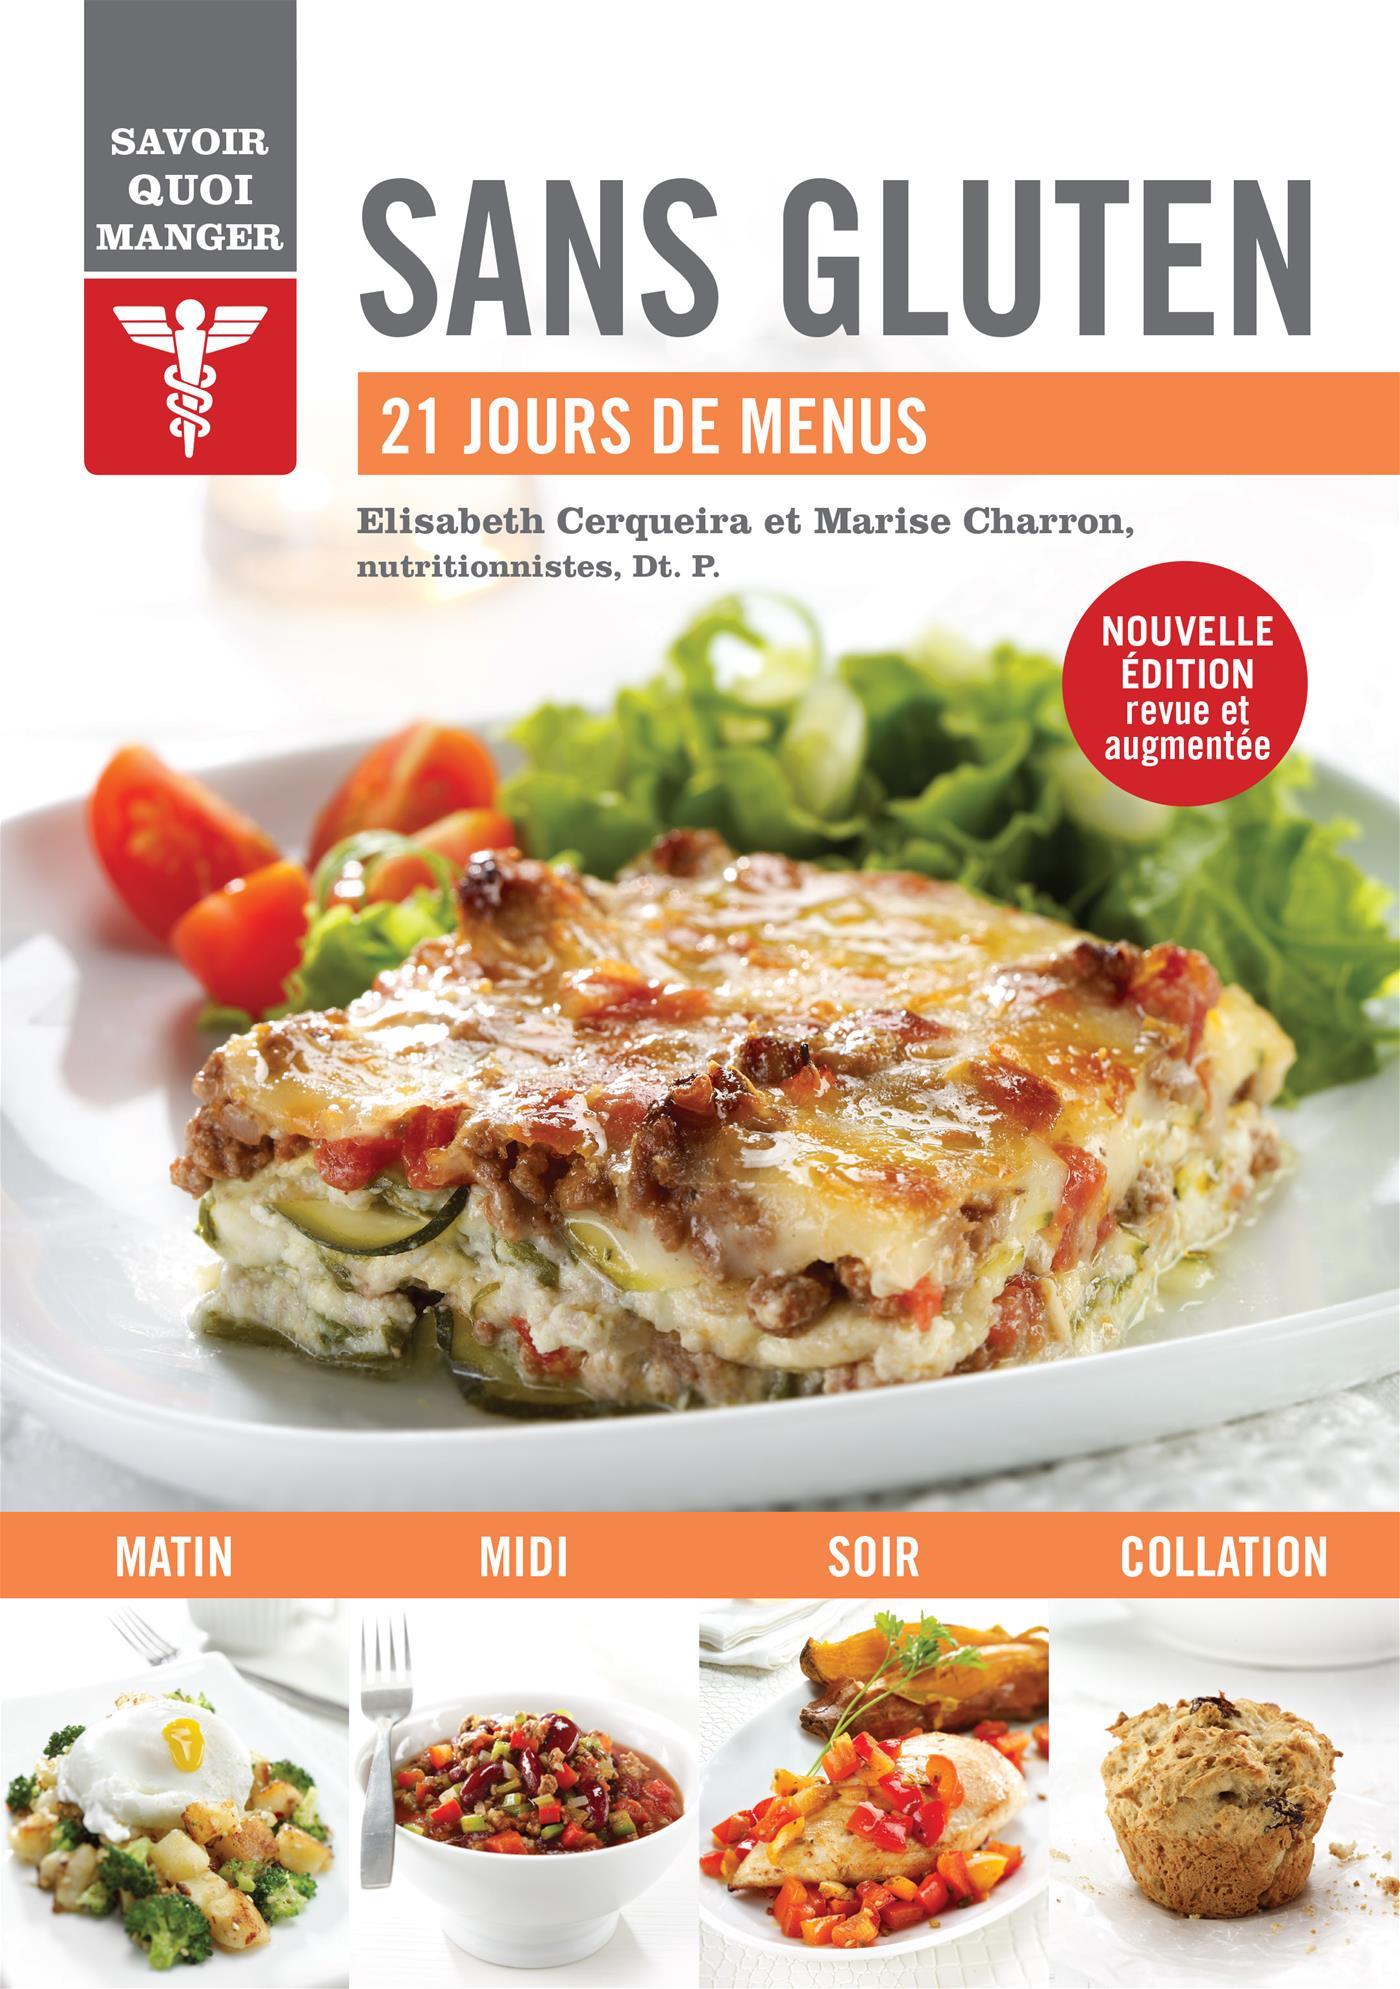 Savoir quoi manger - Sans Gluten (nouvelle édition)